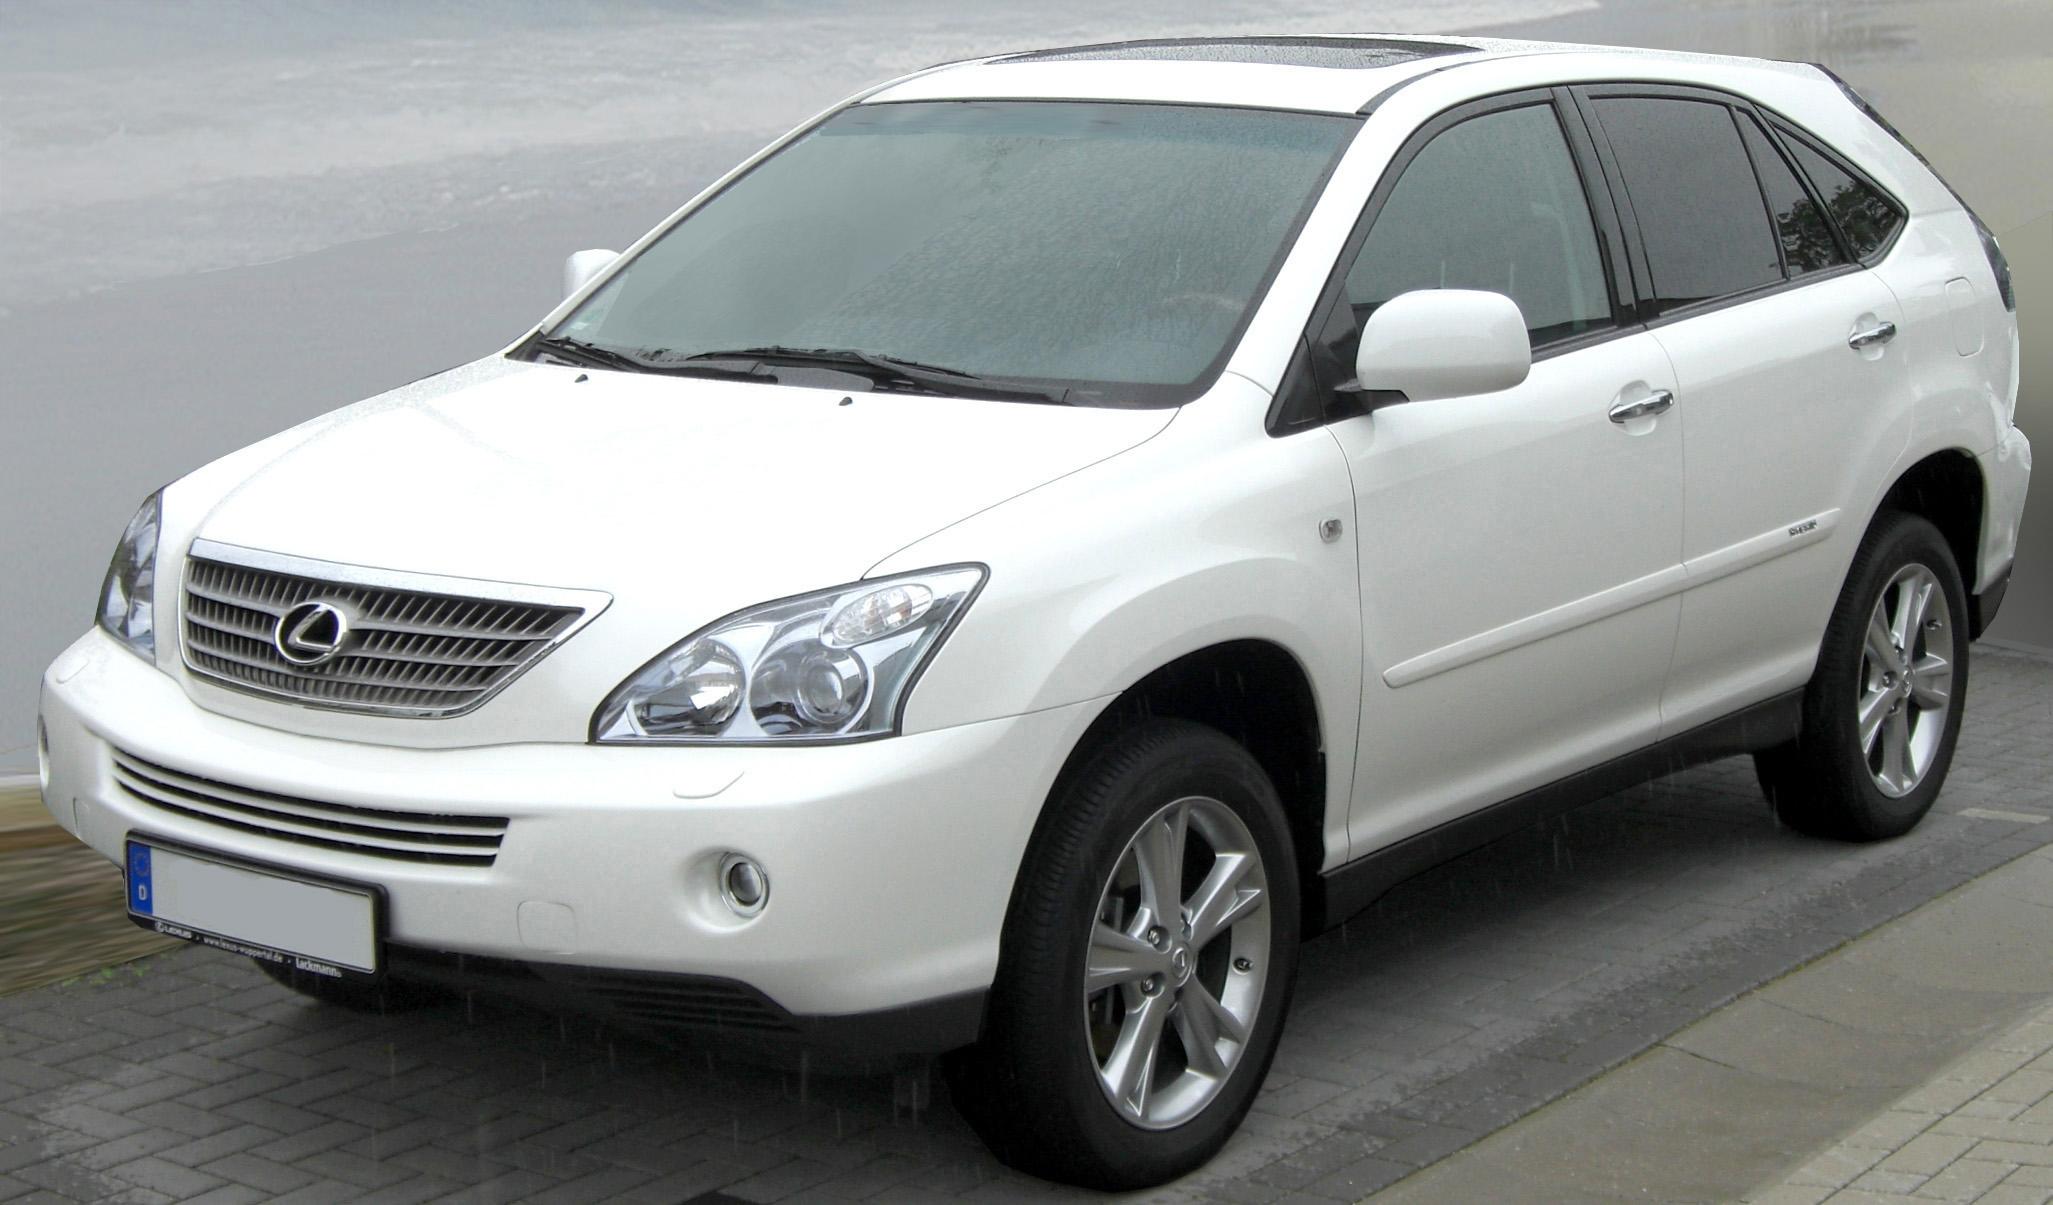 LEXUS RX 270 white